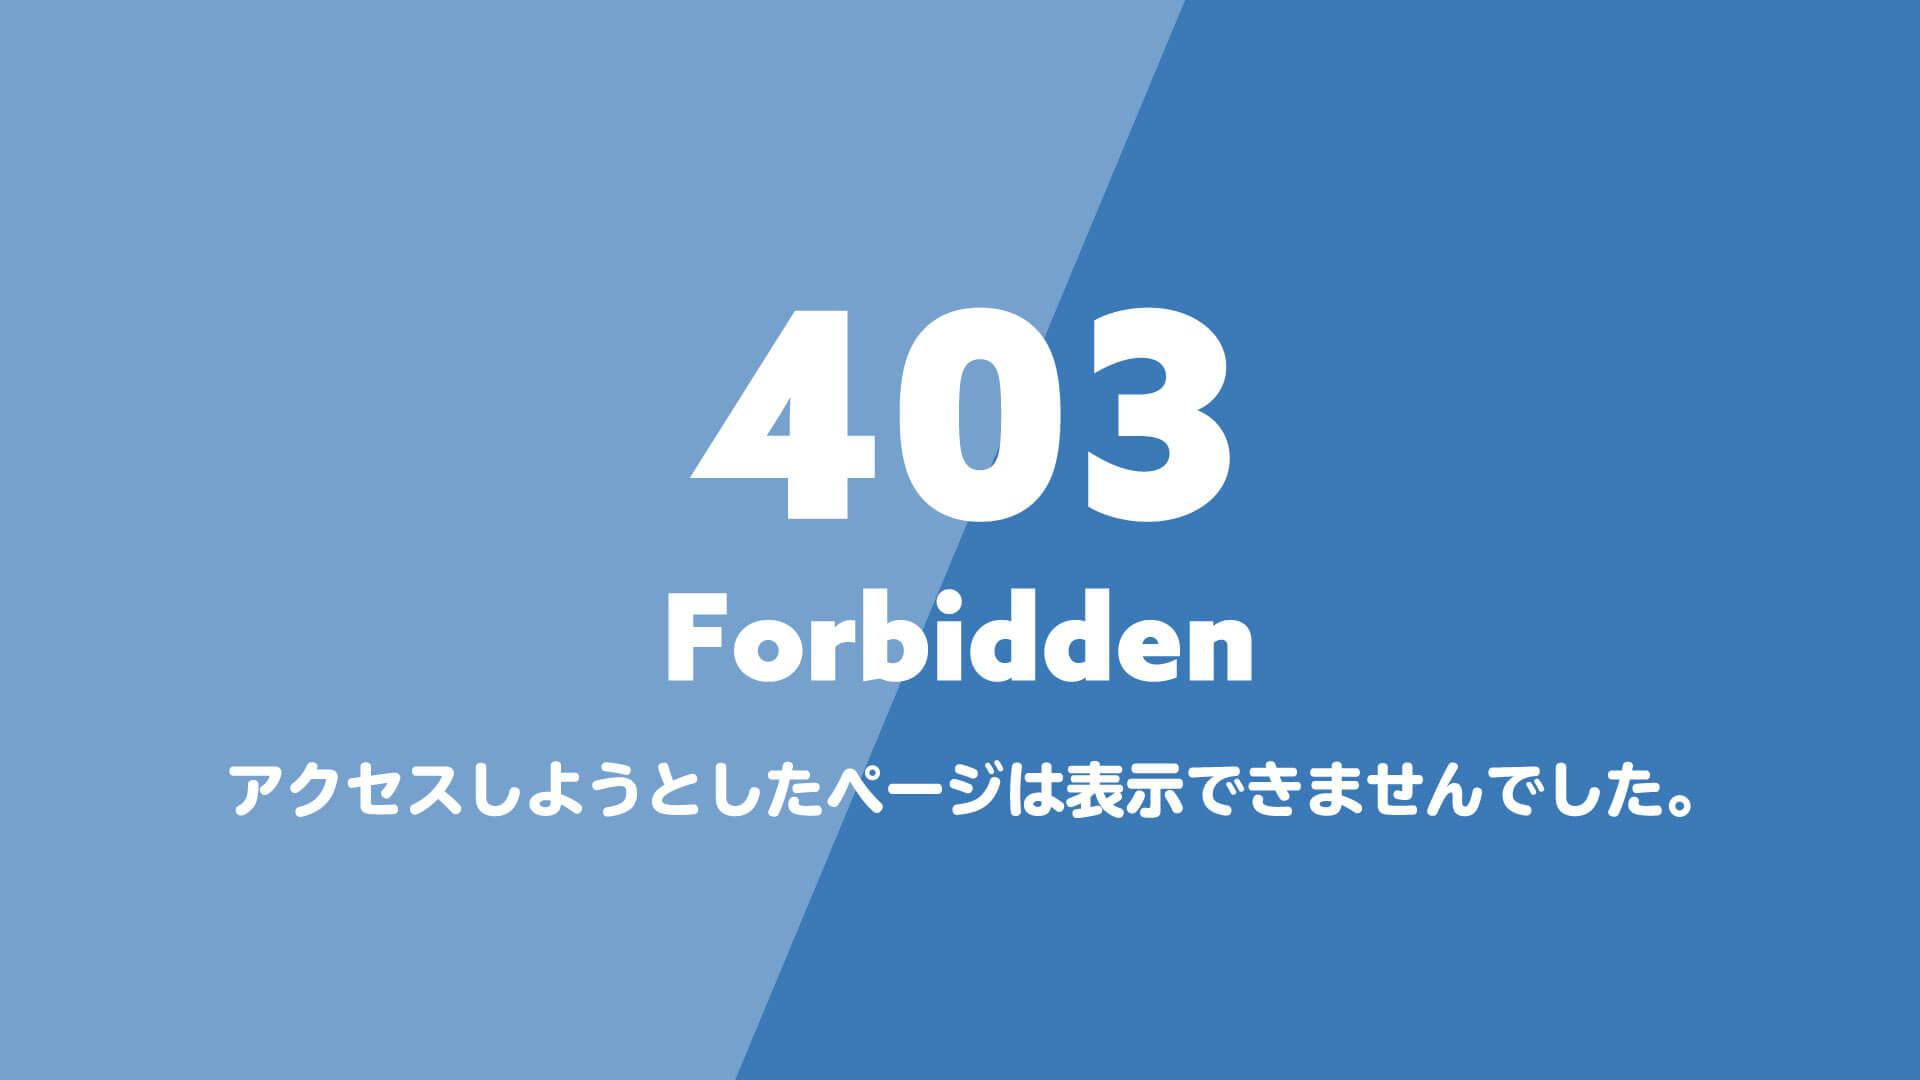 エラー 403